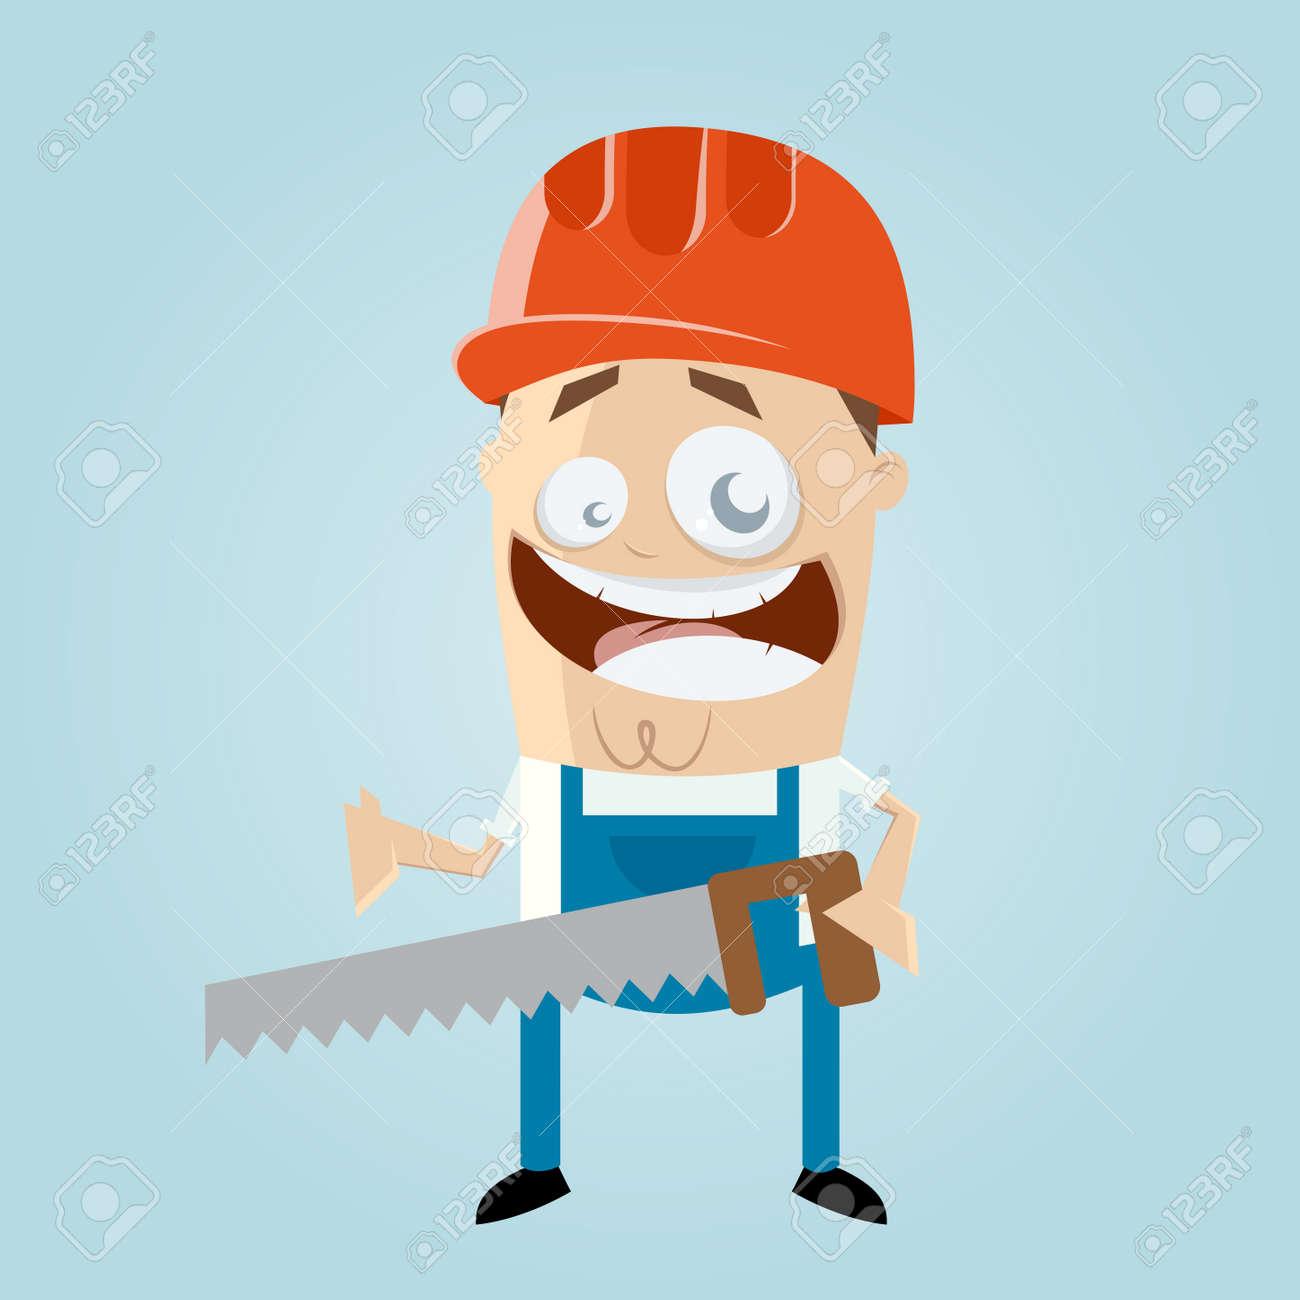 lustigen Cartoon Bauarbeiter Standard-Bild - 38910836